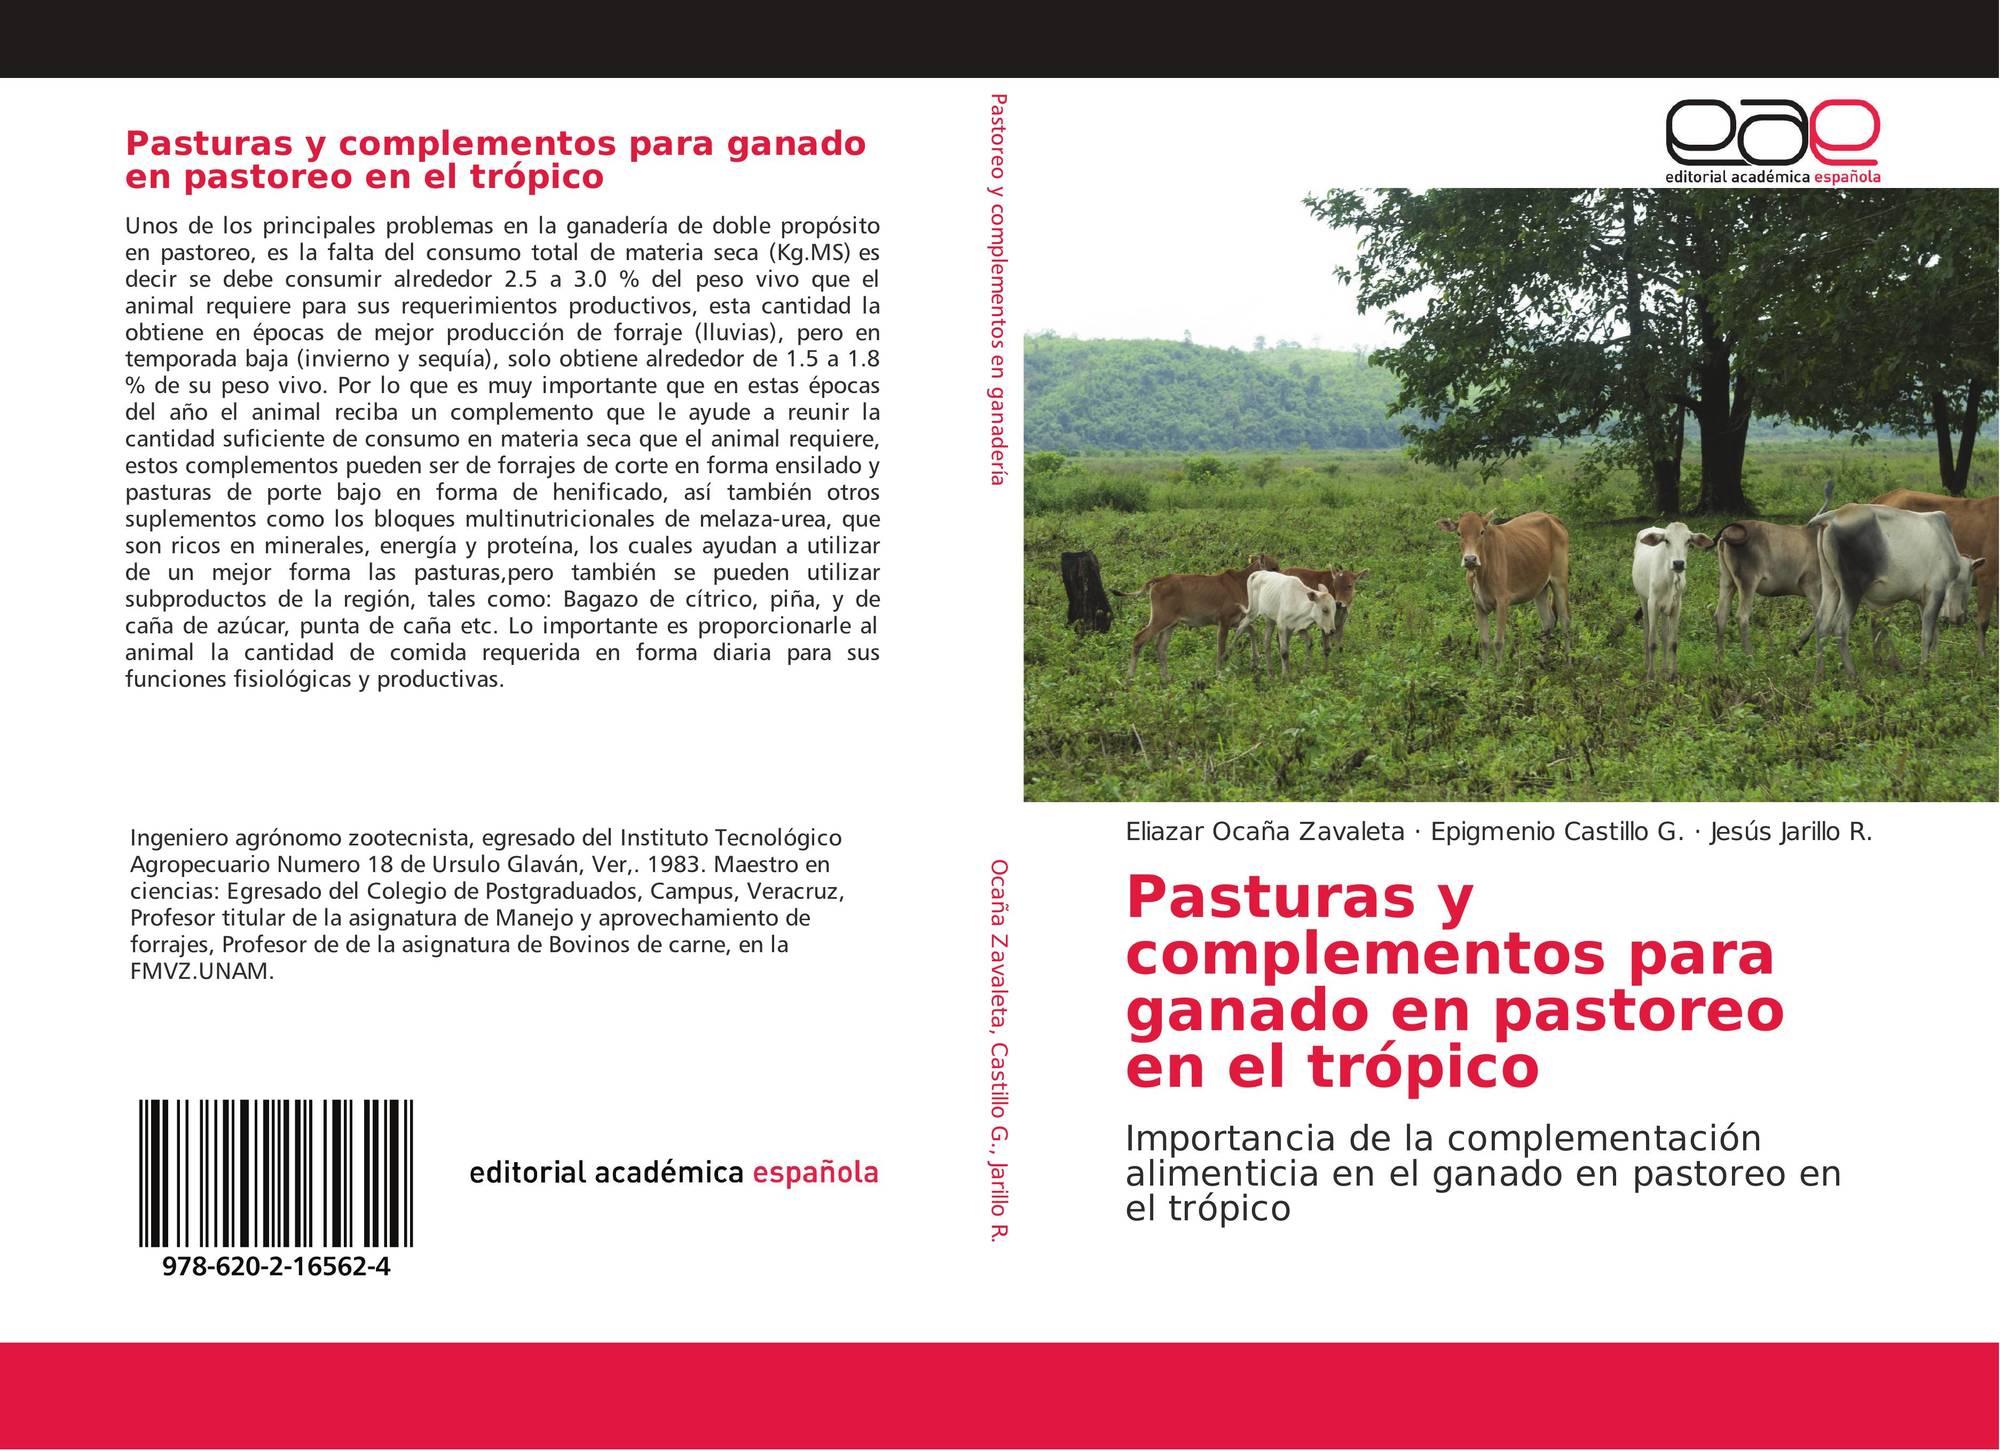 dieta para vacas lecheras en el tropico